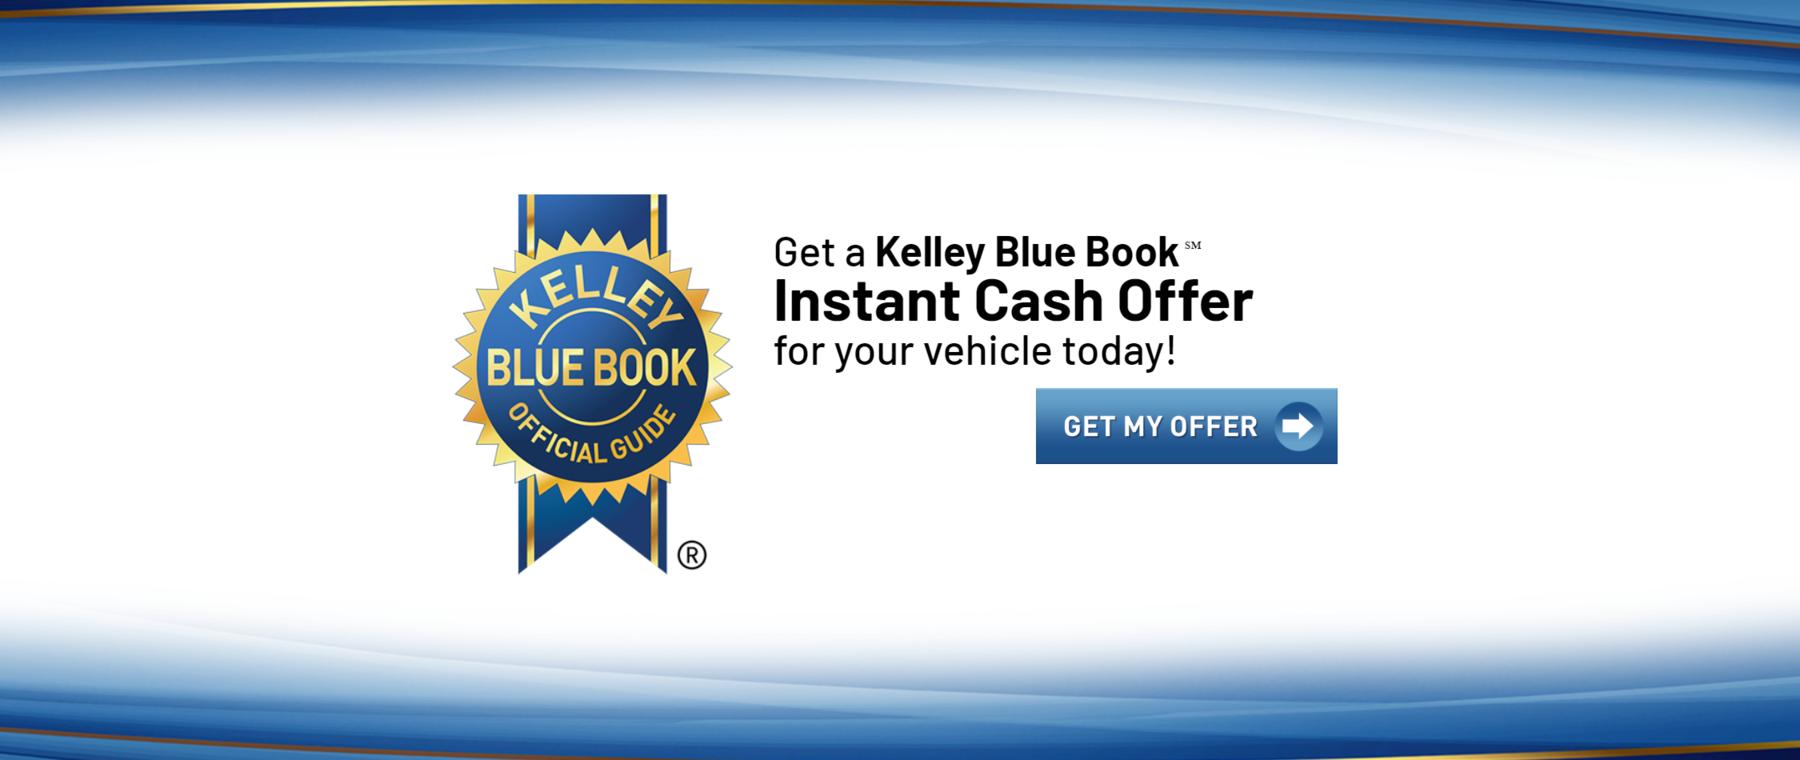 KBB Instant Cash Offer in Roseville, MN- Rosedale Chevrolet